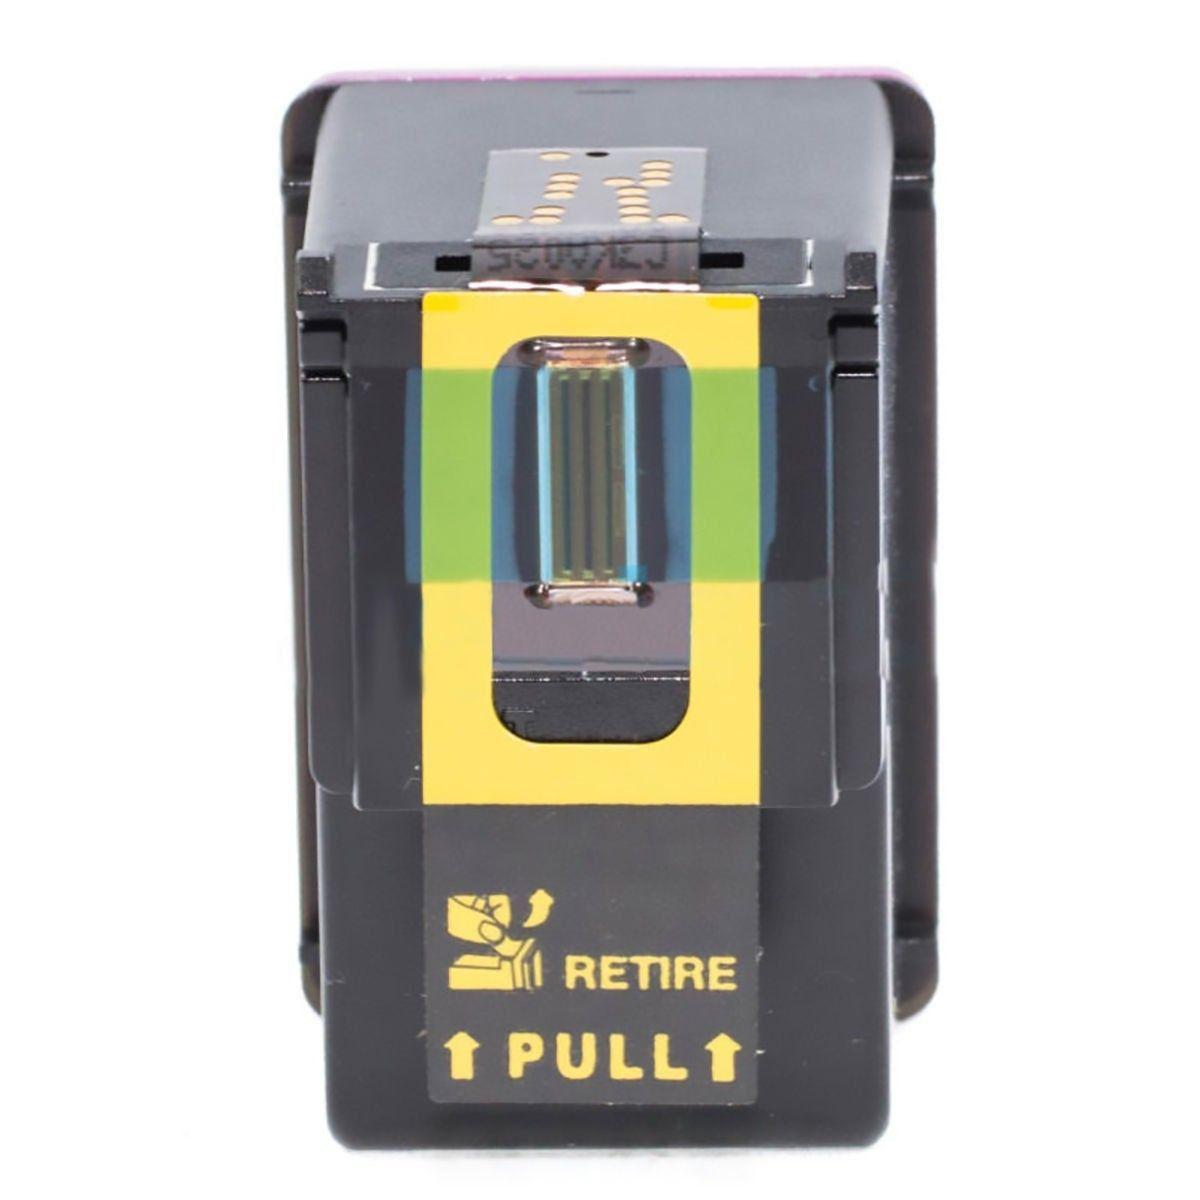 Compatível: Cartucho de Tinta 60xl 60 para HP F4480 F4280 F4580 D1660 C4680 C4780 D410a D110a F4210 / Preto / 12ml